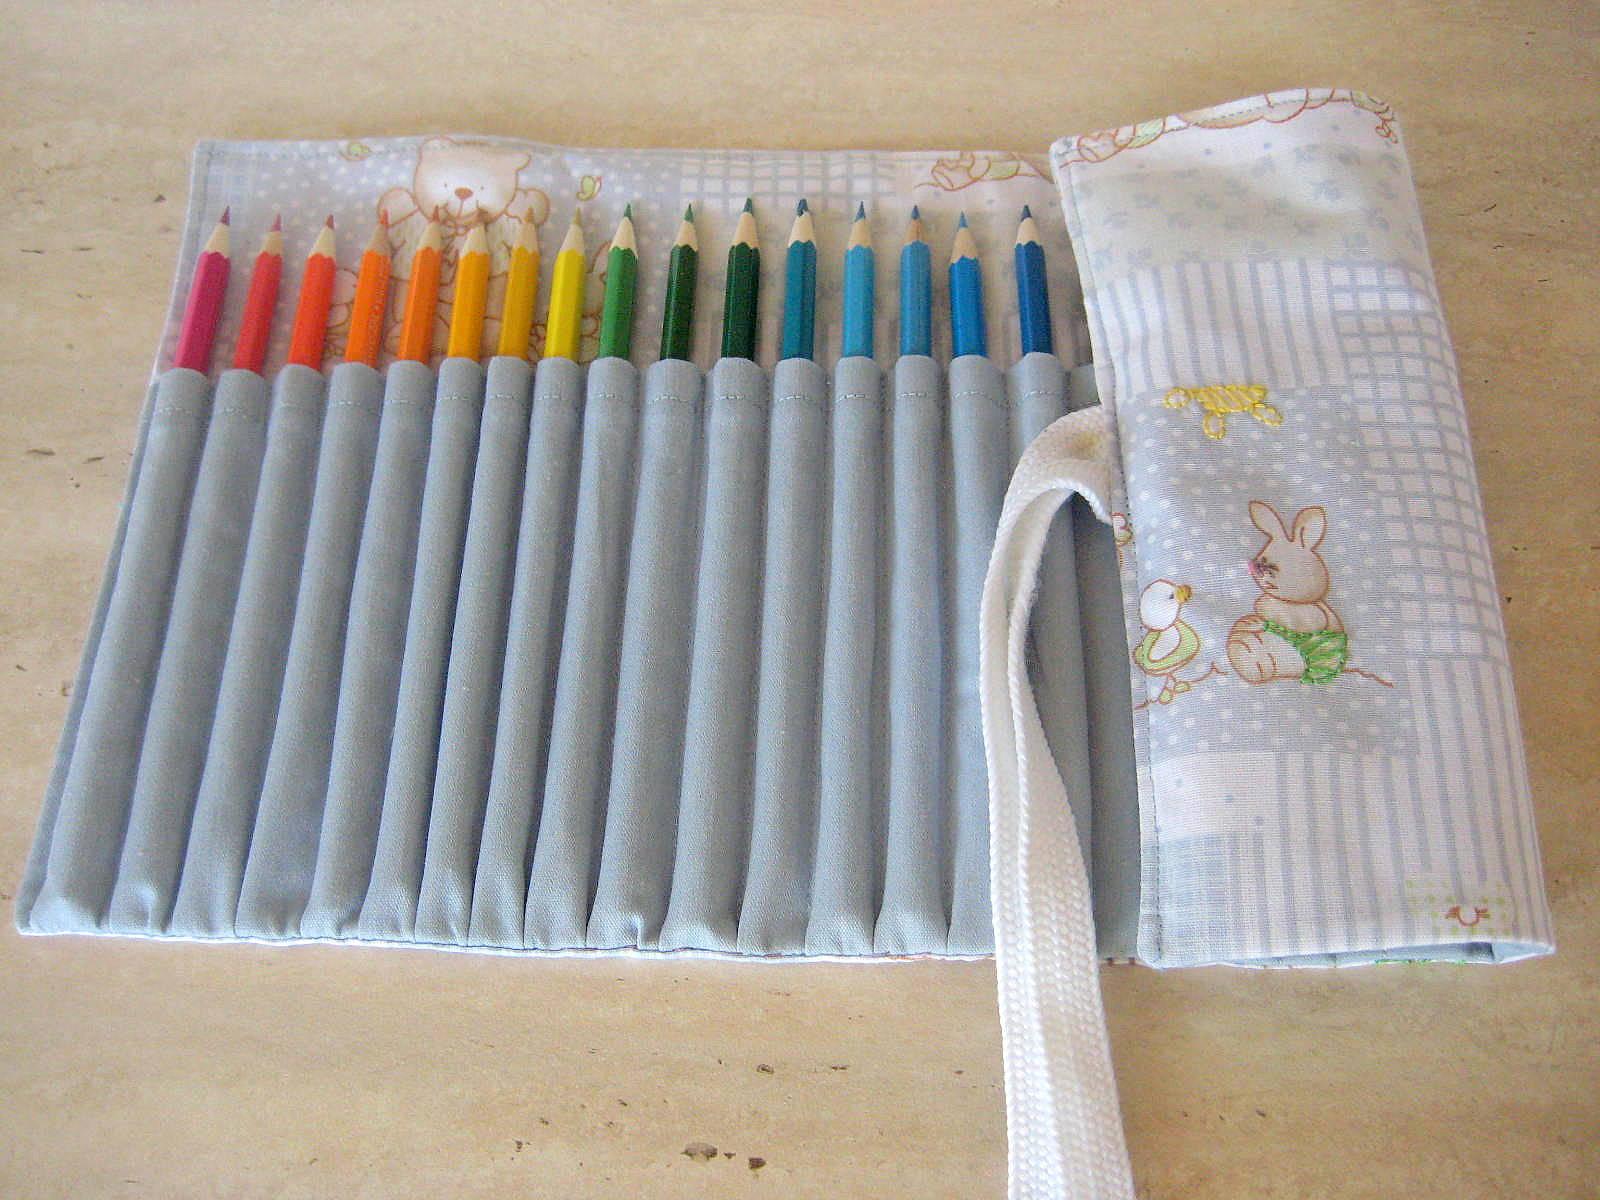 Чехол для карандашей своими руками